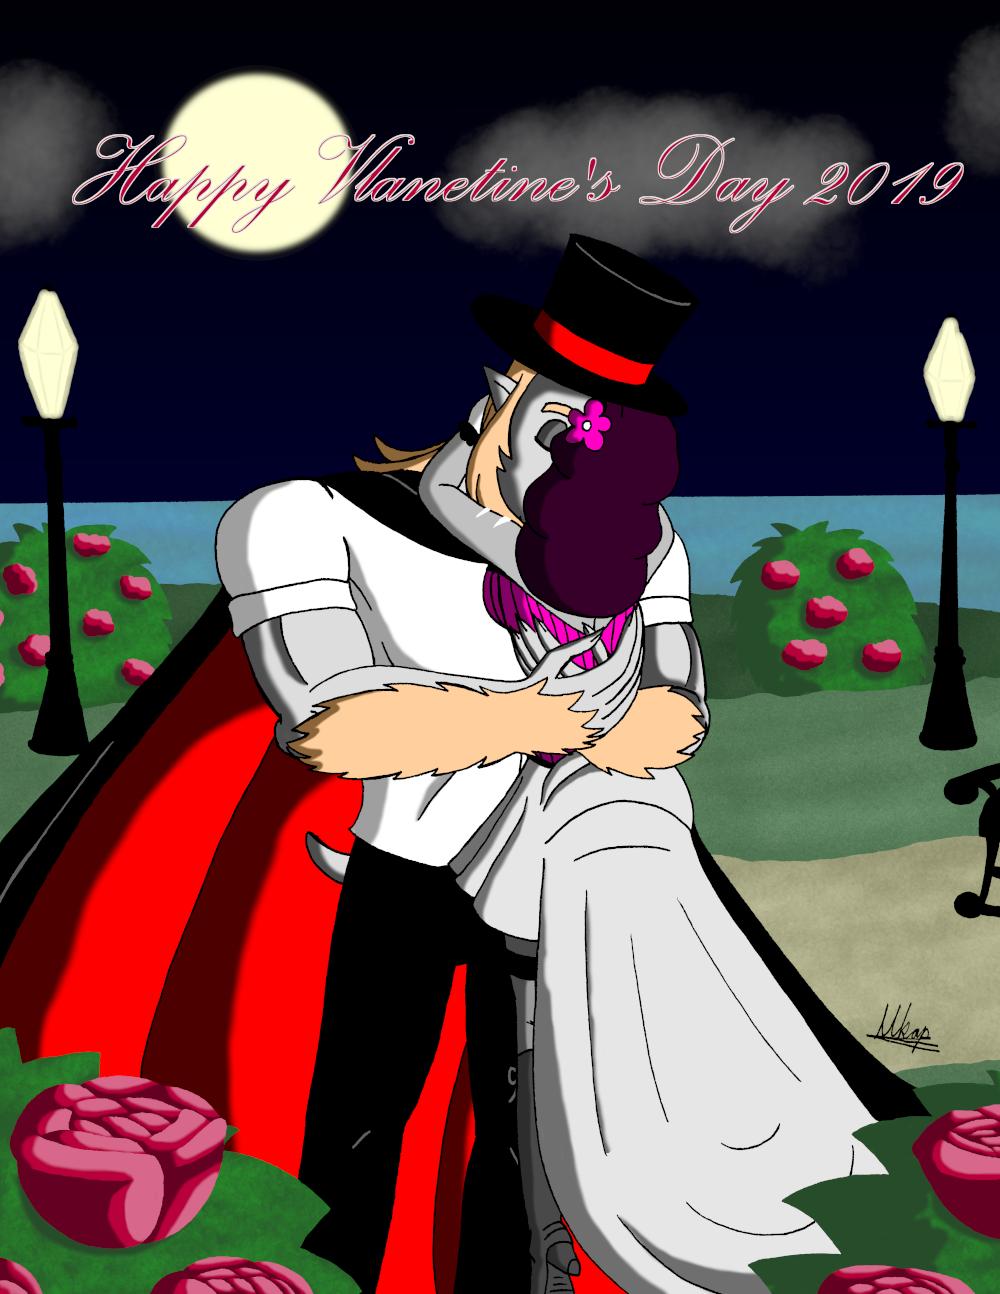 Happy Valentine's 2019